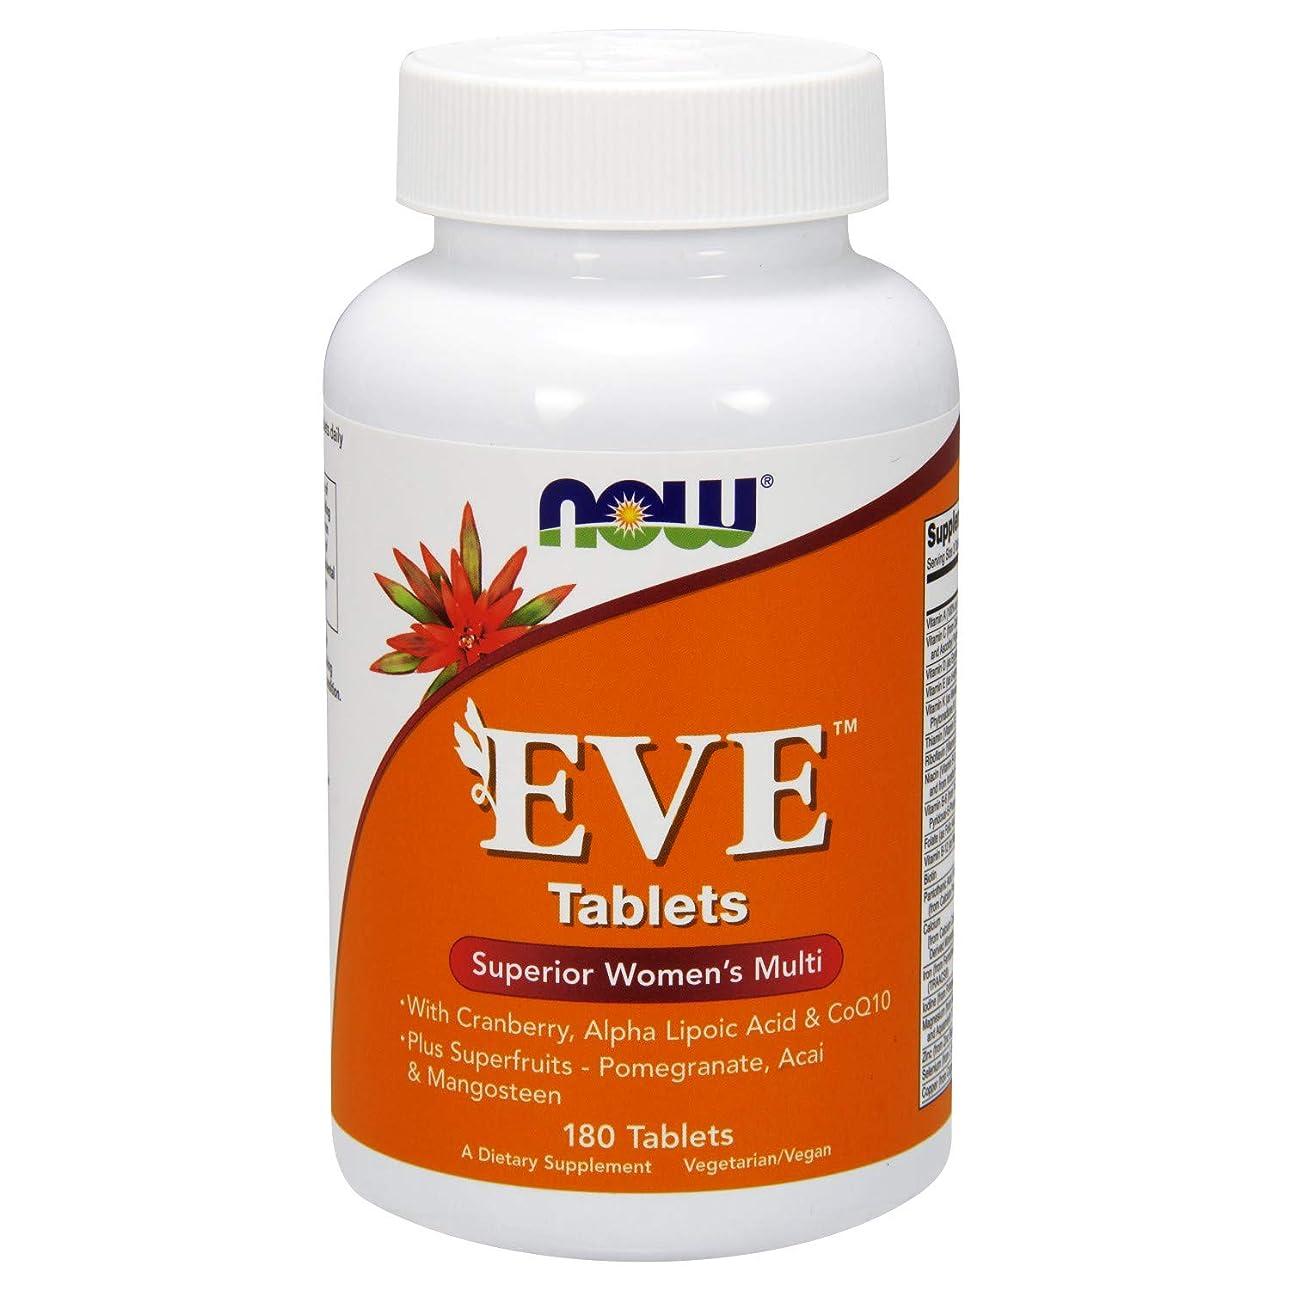 モットー禁止提案[海外直送品] ナウフーズ  - イブ女性の複数のビタミン - 180錠剤